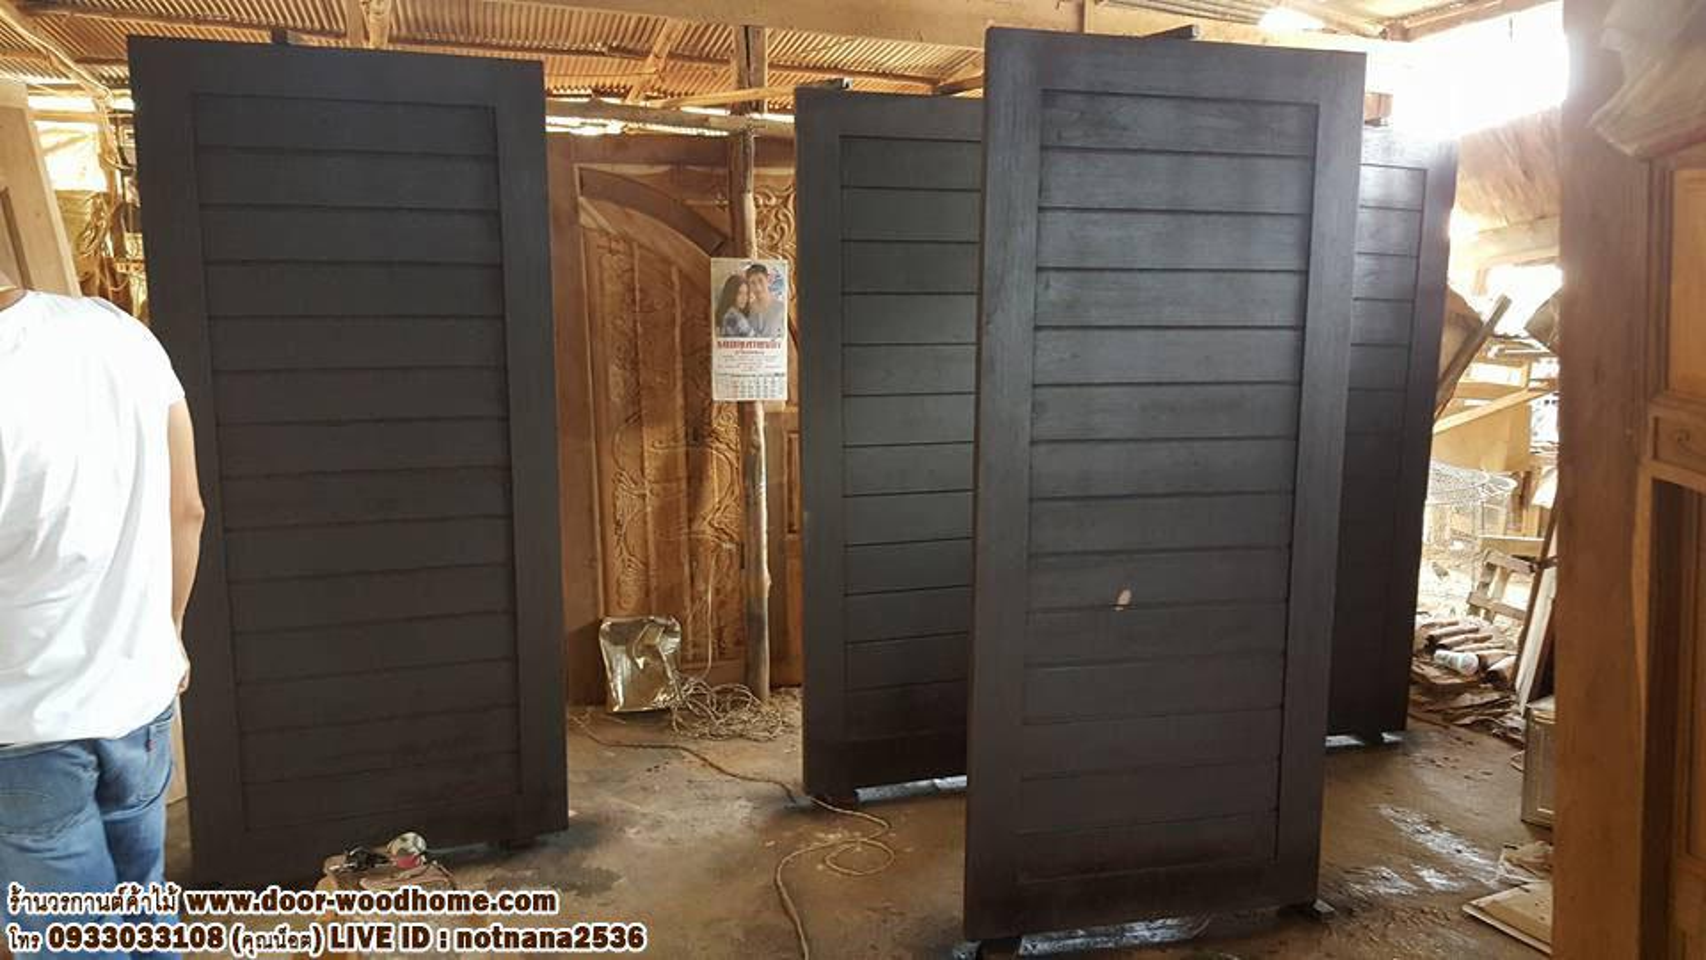 ร้านวรกานต์ค้าไม้ จำหน่าย ประตูไม้สักบานคู่ ประตูไม้สักบานเดี่ยว ประตูไม้สักกระจกนิรภัย ประตูโมเดิร์น รูปที่ 2